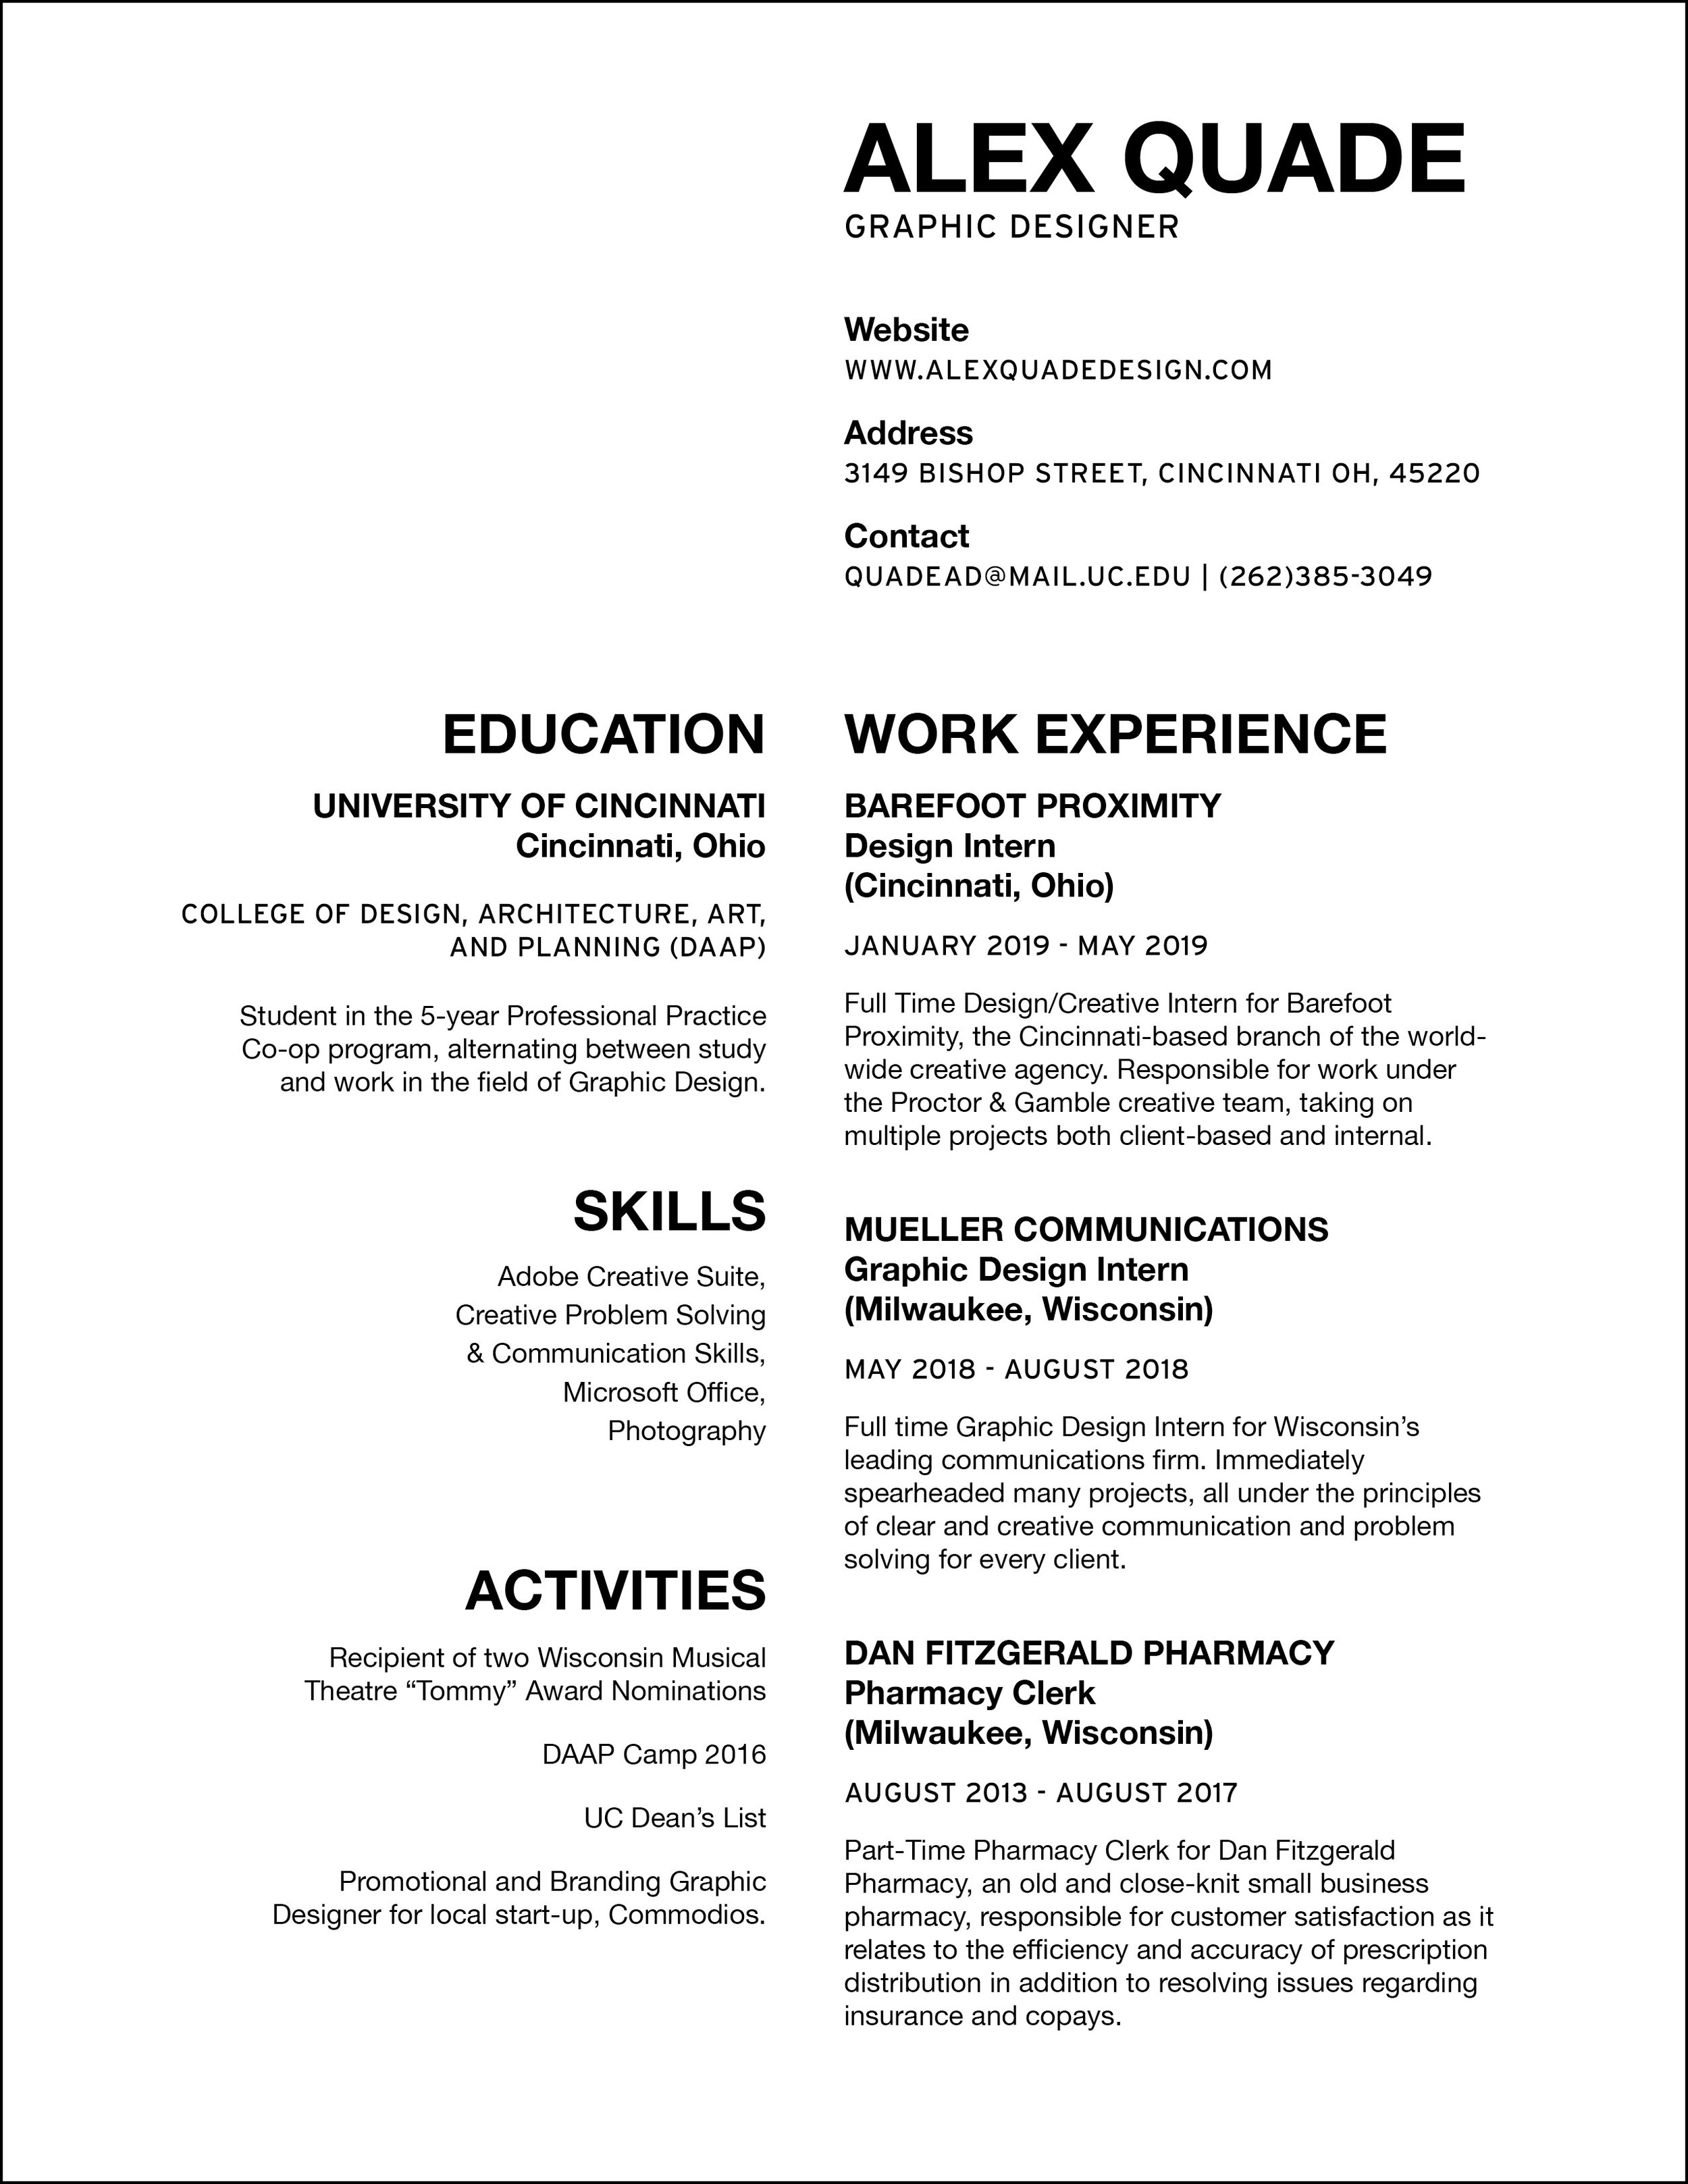 resume — Alex Quade